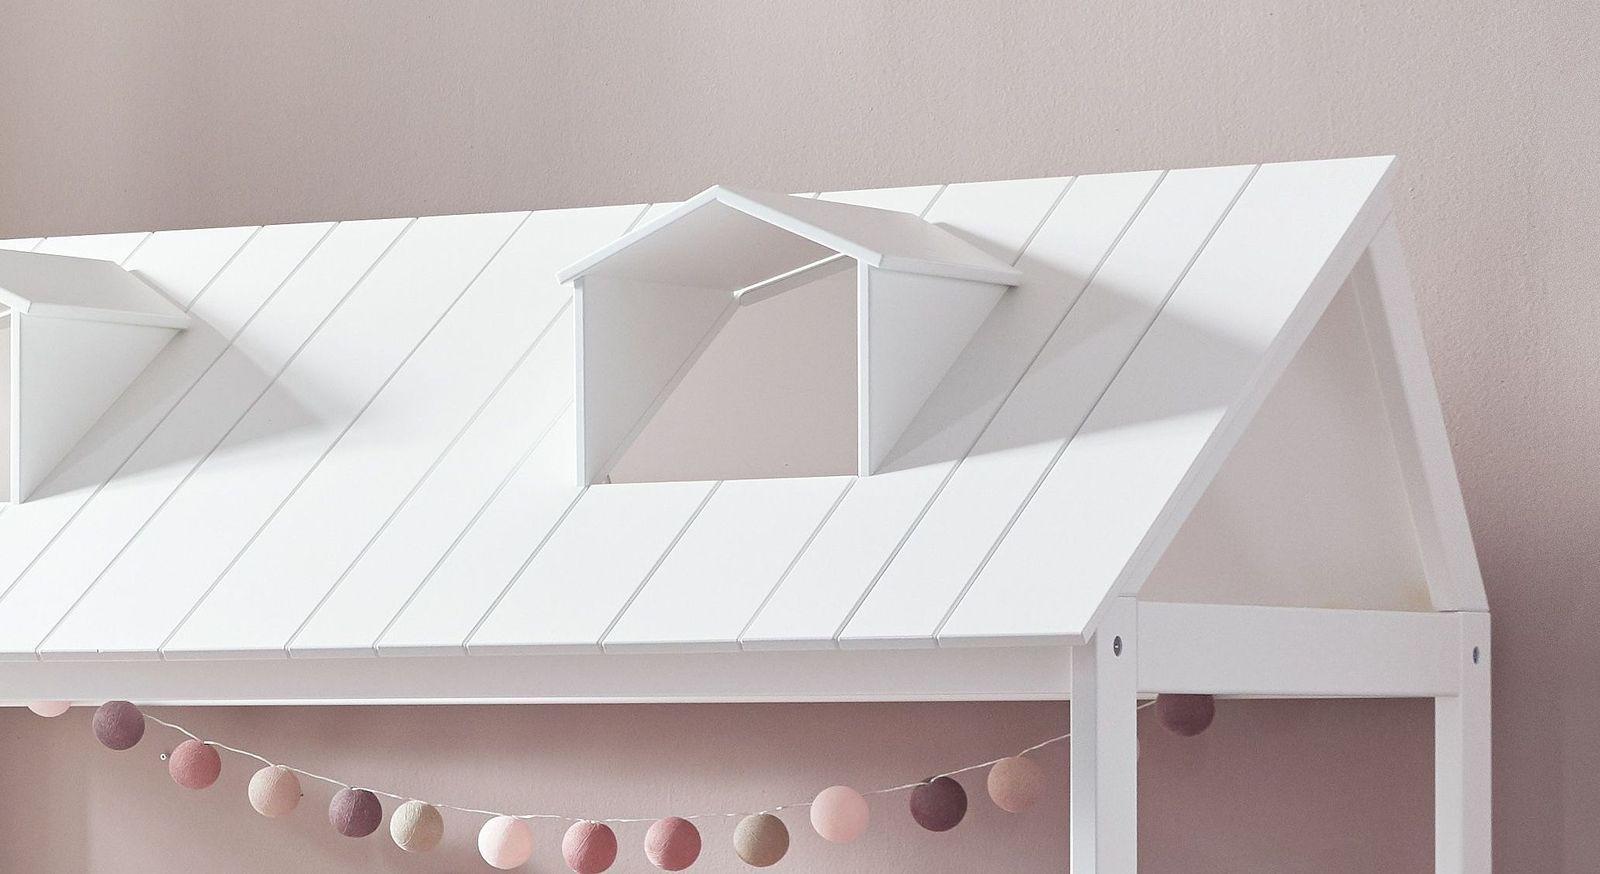 Kinderbett LIFETIME Ferienhaus mit Fenstern im Dachaufsatz